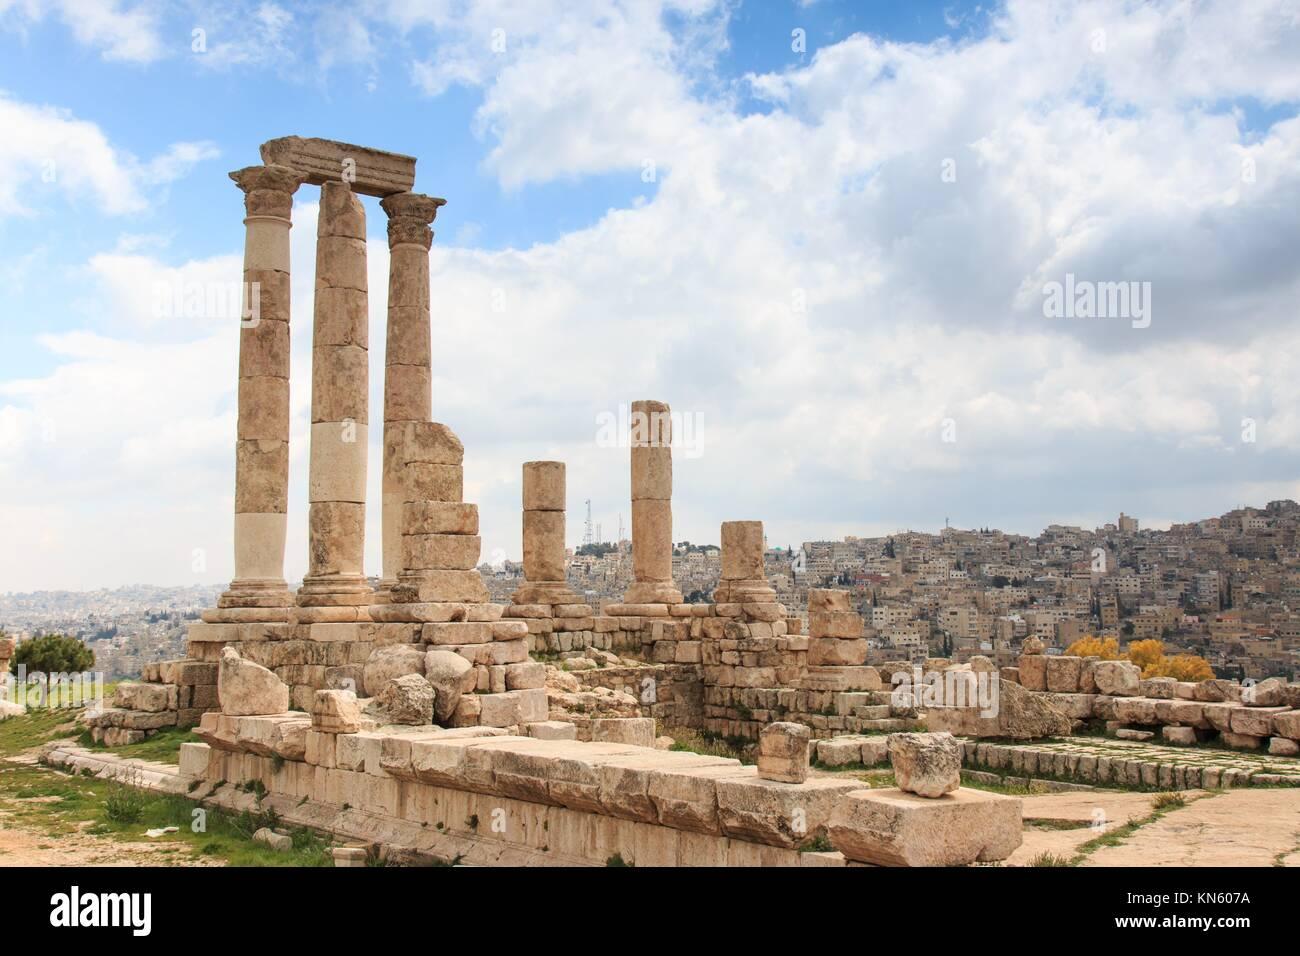 Amman Citadel ruins in Jordan. - Stock Image